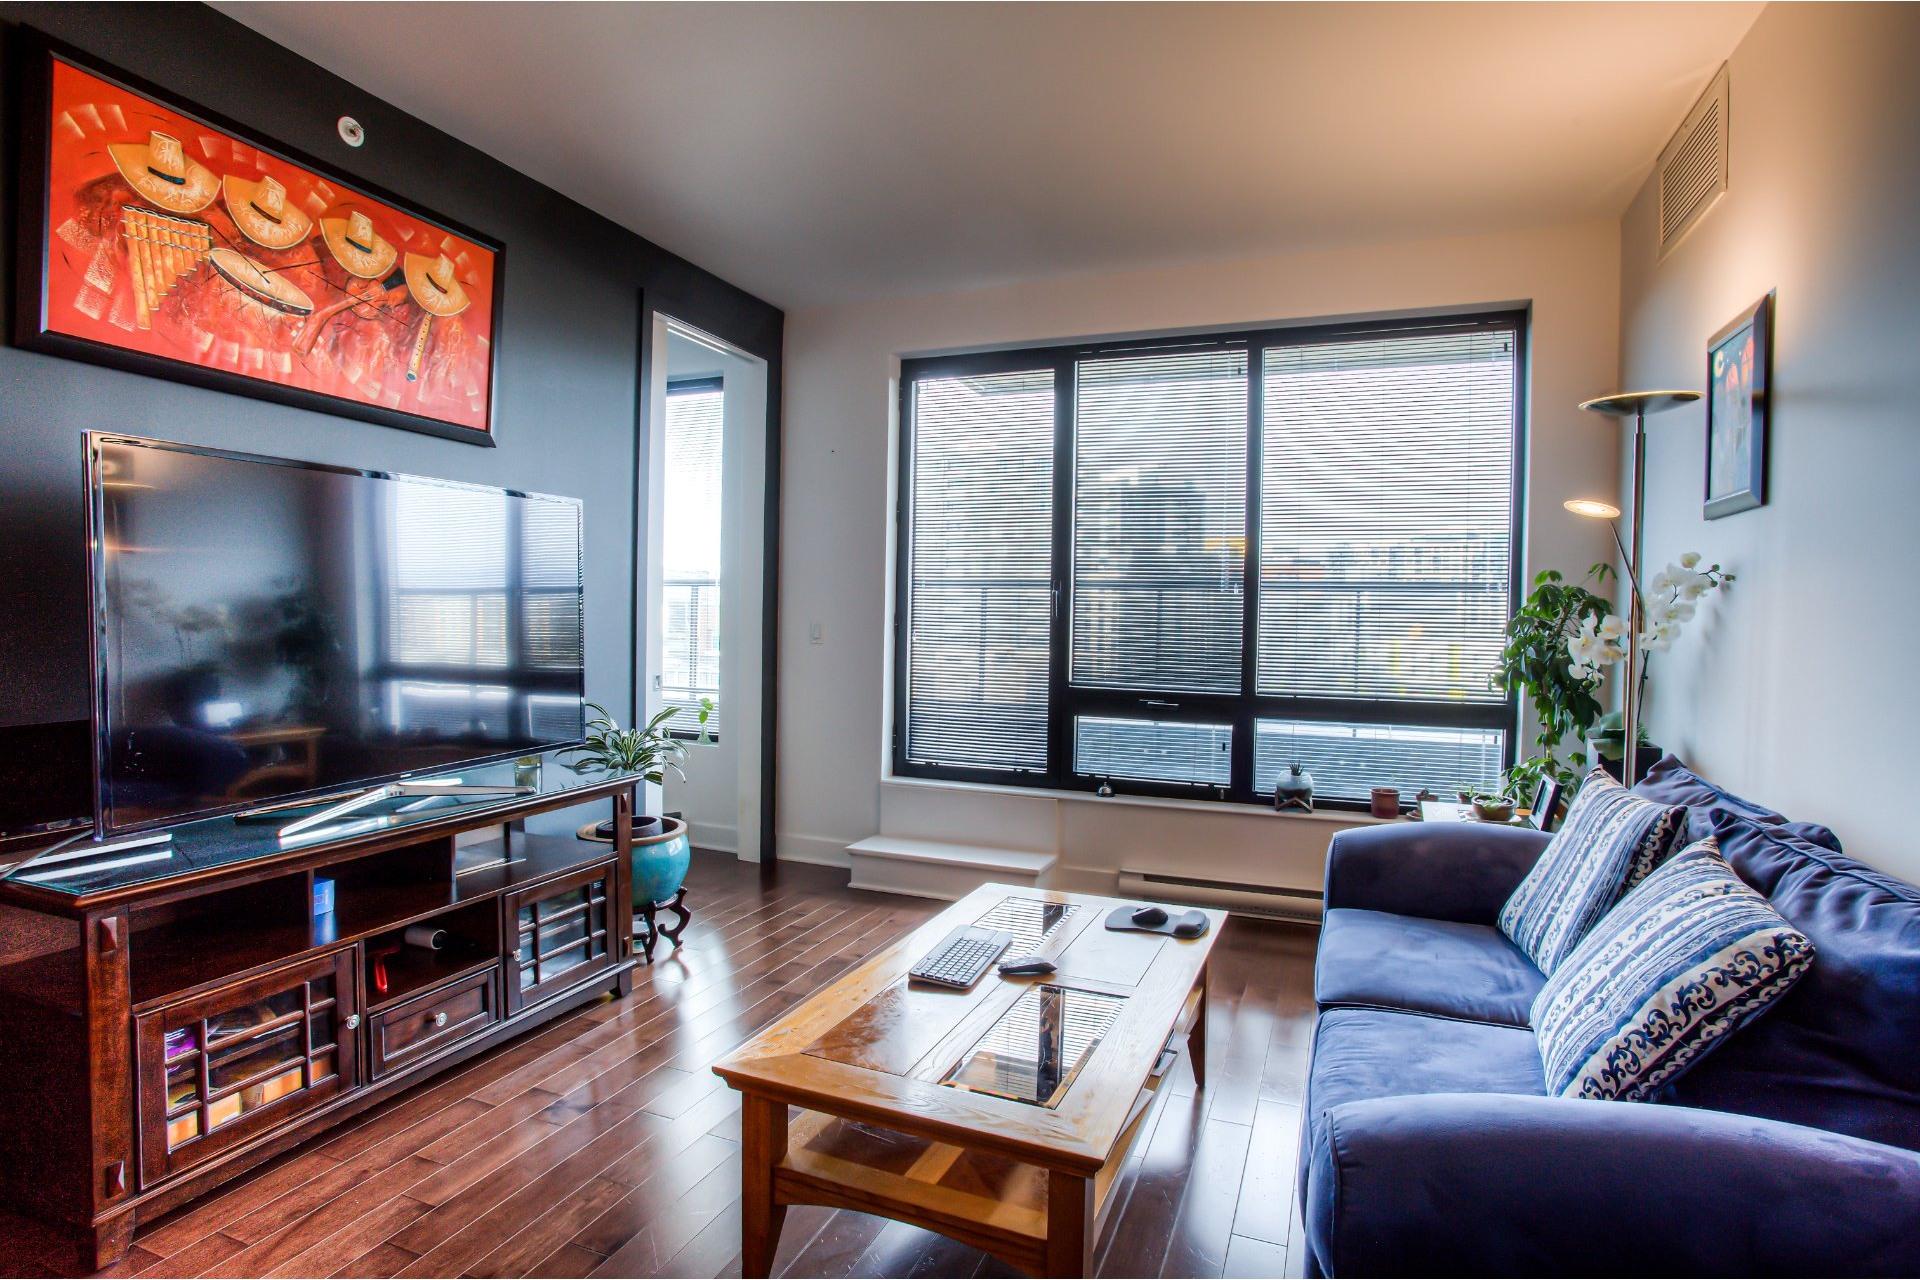 image 10 - Apartment For rent Côte-des-Neiges/Notre-Dame-de-Grâce Montréal  - 5 rooms